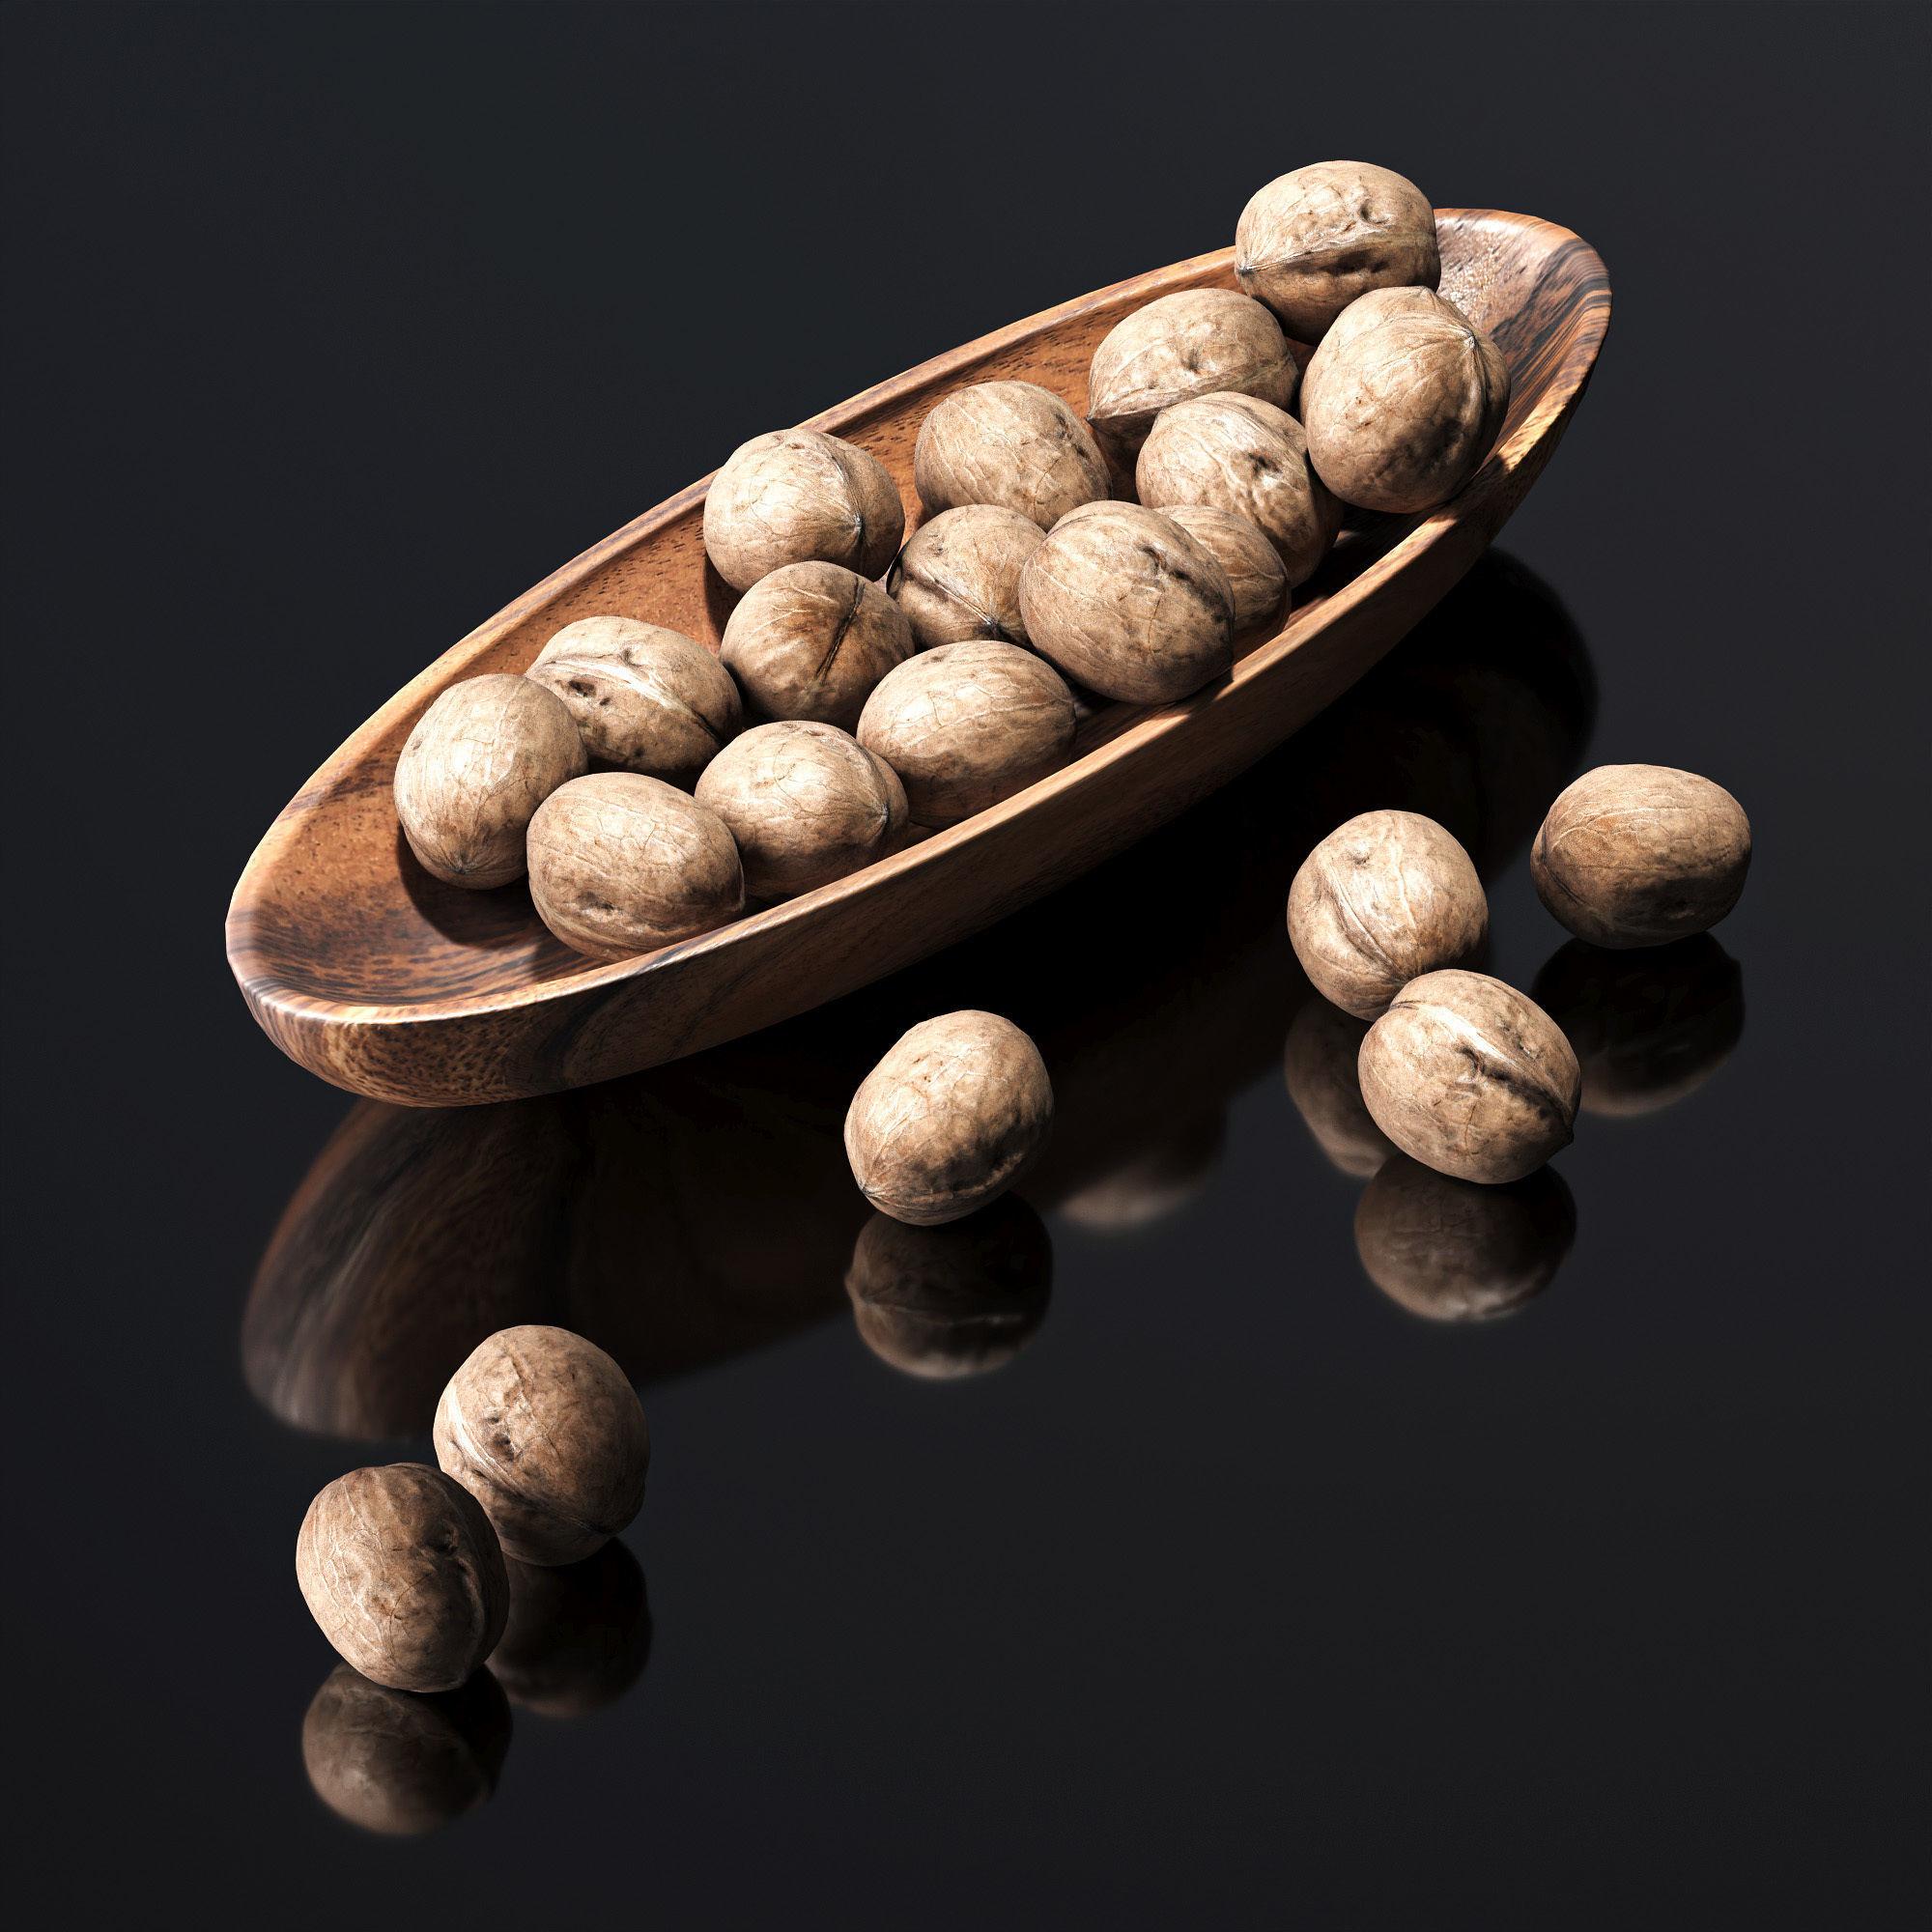 Walnut in a wooden nut bowl